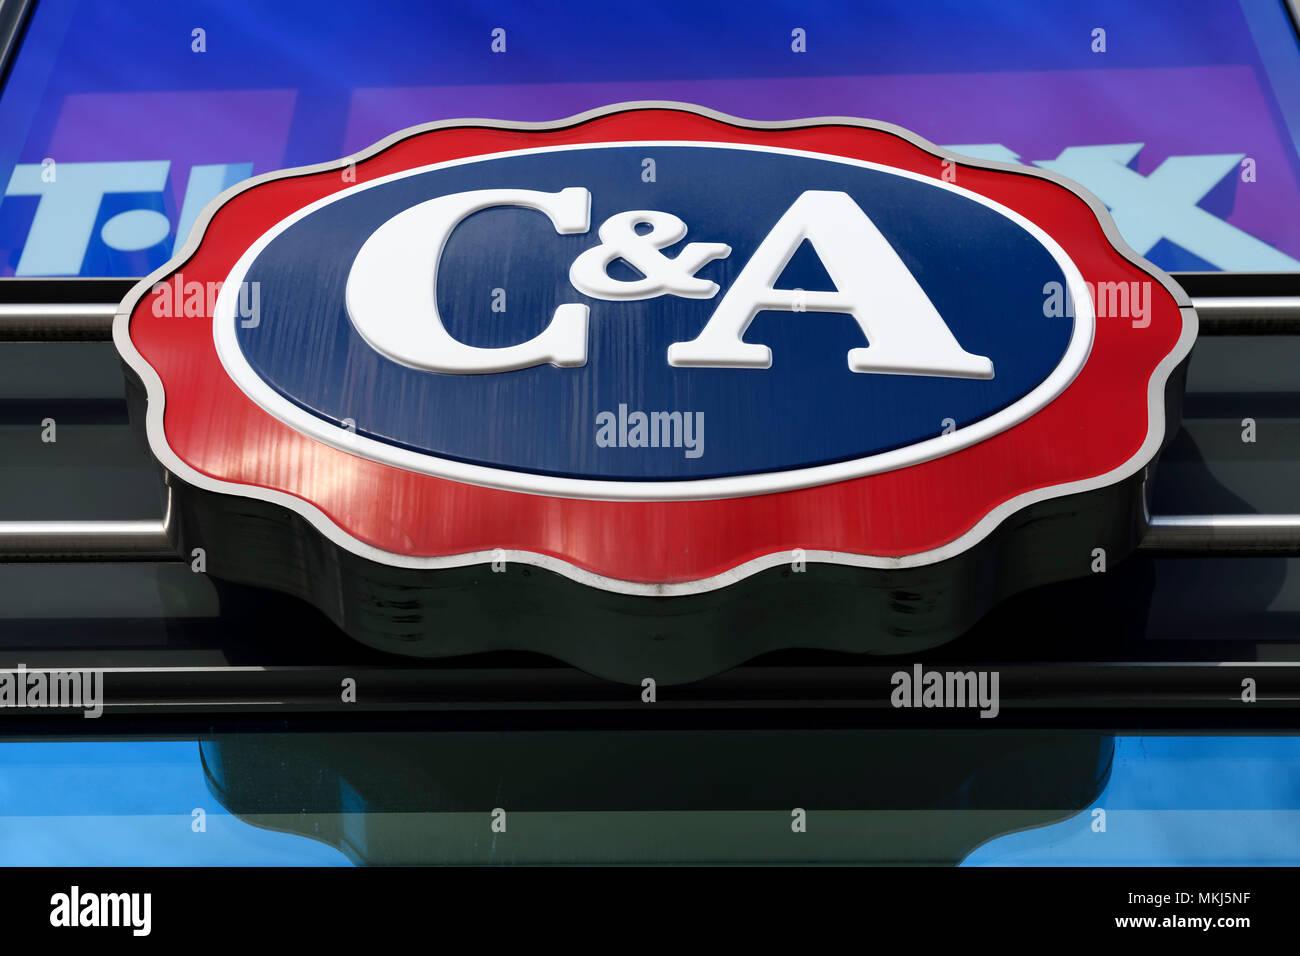 El Logotipo De La Cadena De Tiendas Por Departamento Textil C A En Una Sucursal En Hamburgo Logo Der Textilkaufhauskette C A Un Einer Filiale En Hamburgo Fotografia De Stock Alamy